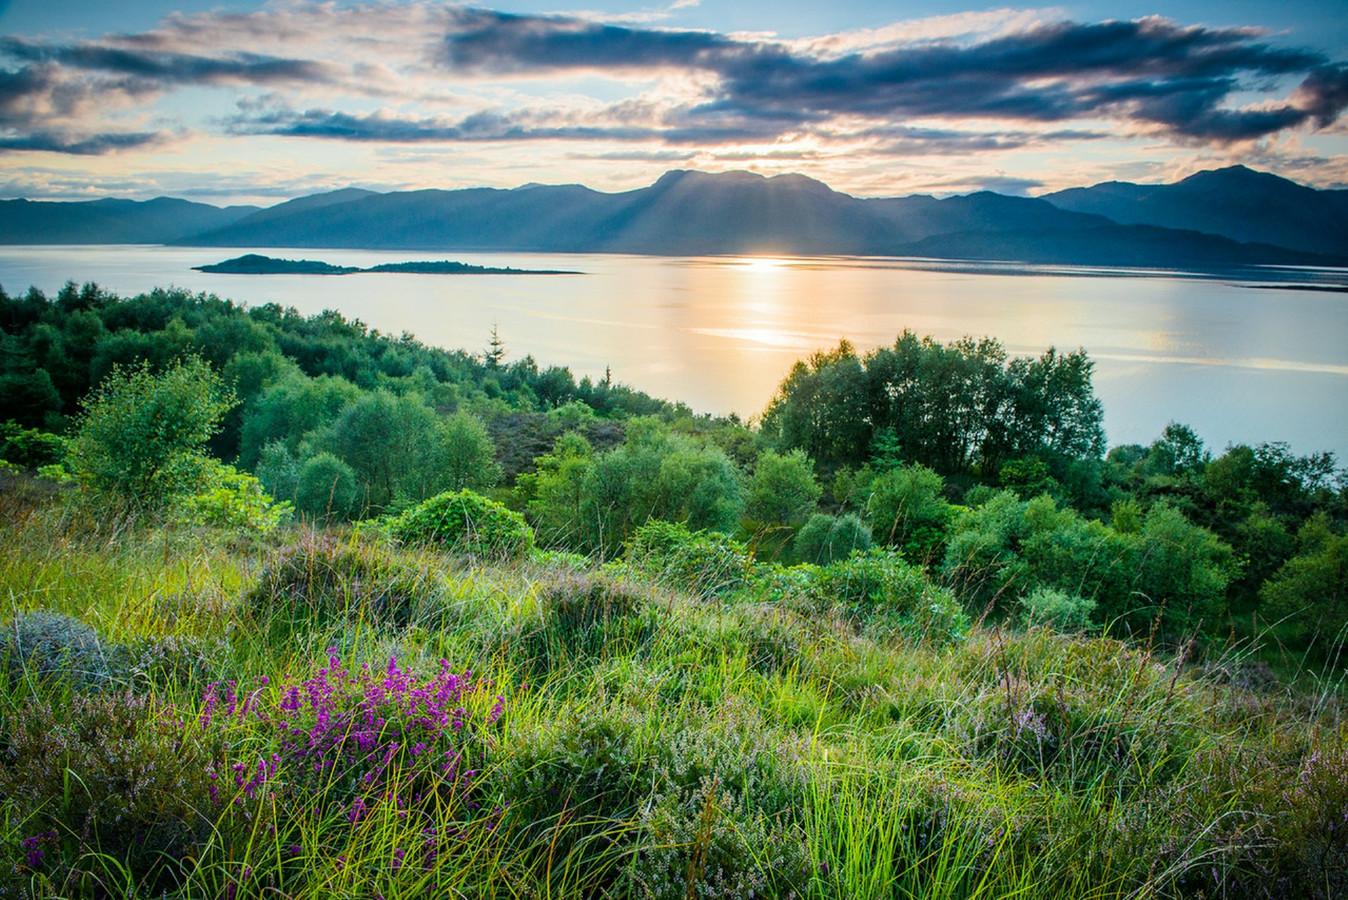 Met het geld dat het Highland Titles Charitable Trust verdient met de verkoop van adellijke titels wordt landbouwgrond weer 'terugveranderd' in natuurgebied.